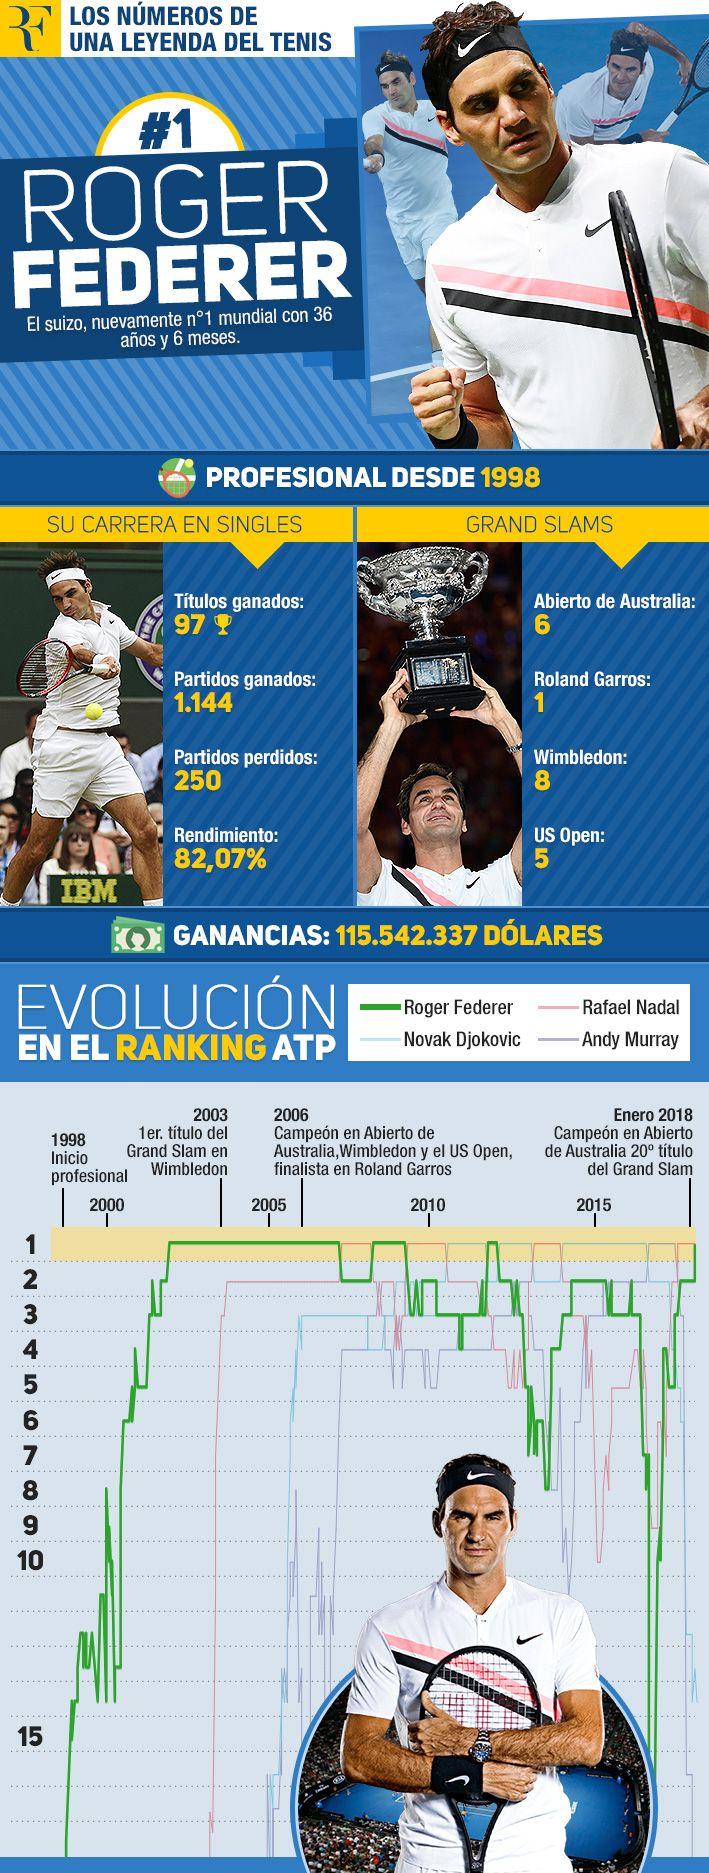 El retorno de Roger Federer al número uno: Cómo ha sido su evolución histórica en la ATP   Emol.com